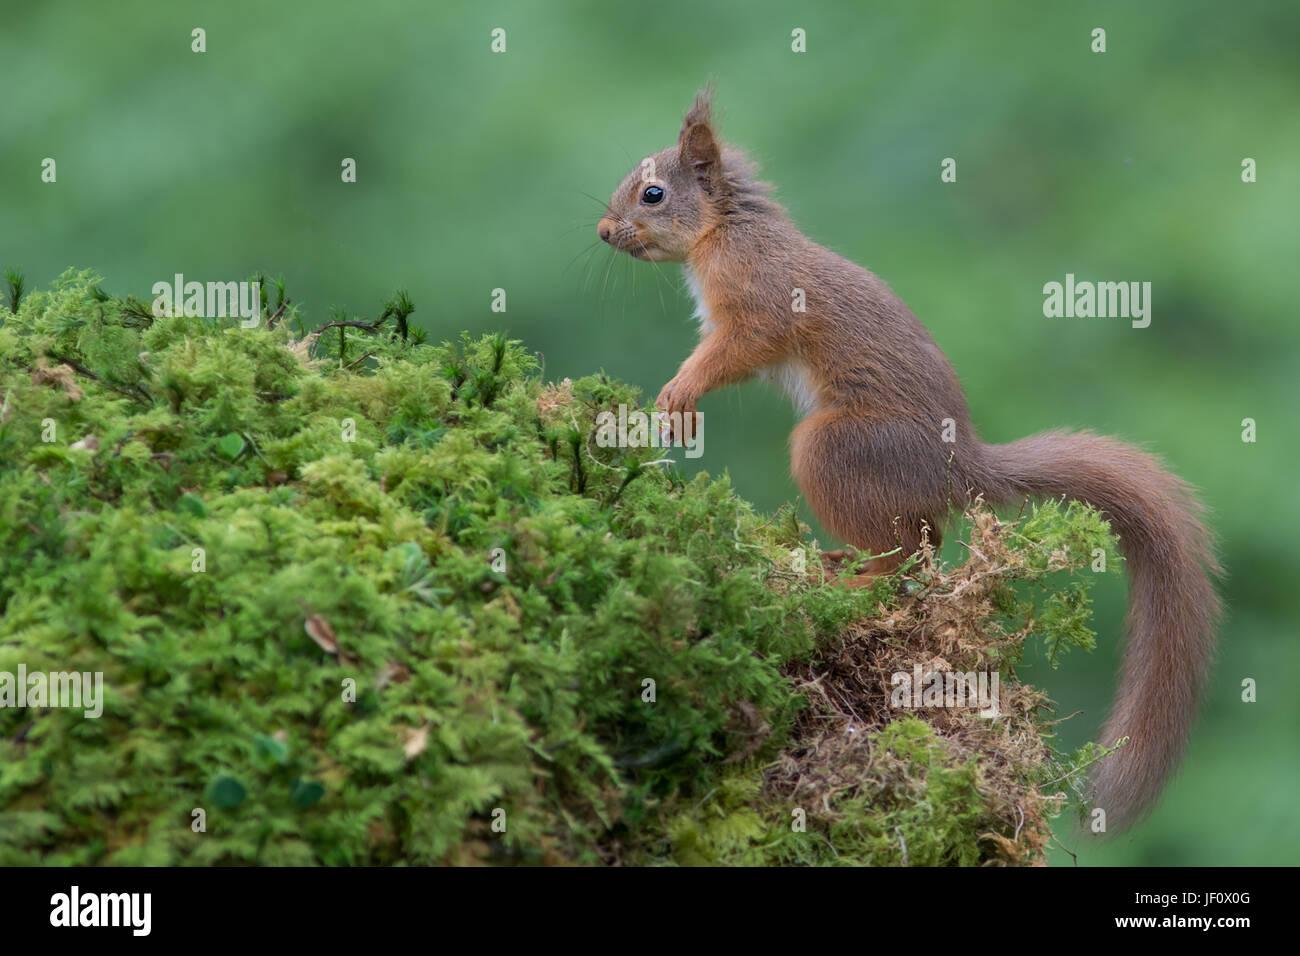 Vista lateral de un perfil de longitud completa retrato de una ardilla roja alerta sobre fauna de pie mirando a Imagen De Stock